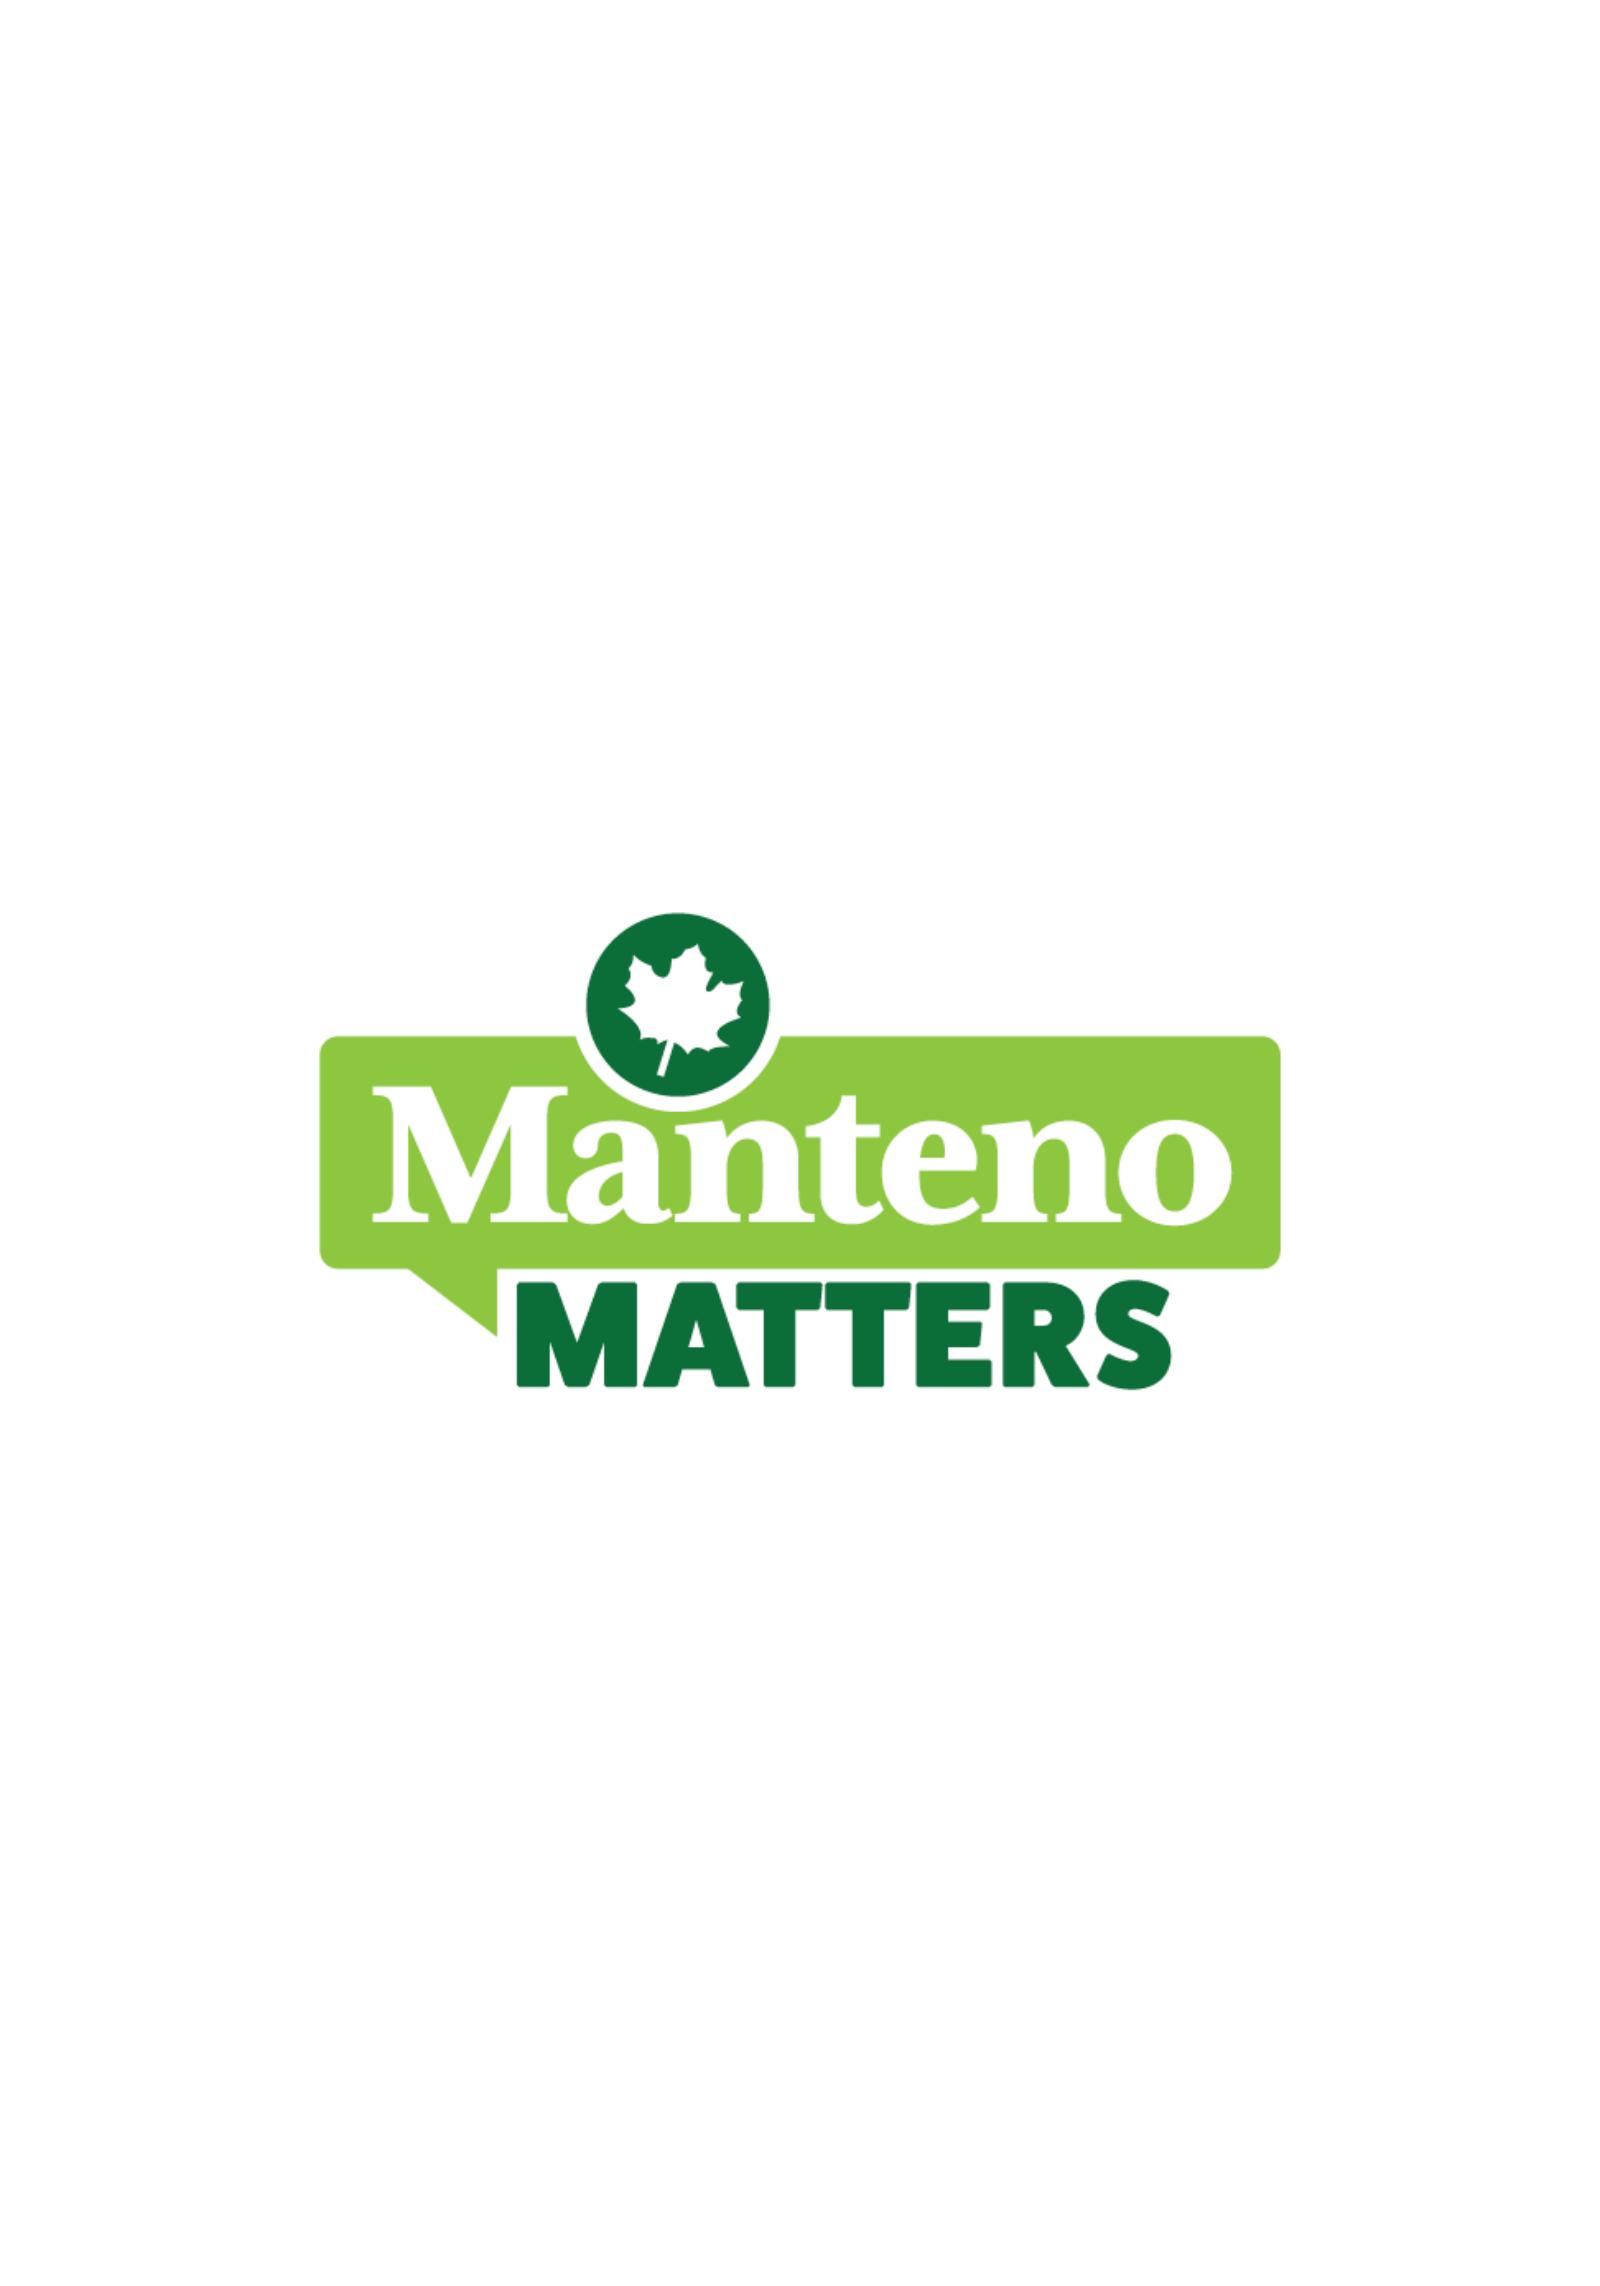 Manteno Matters